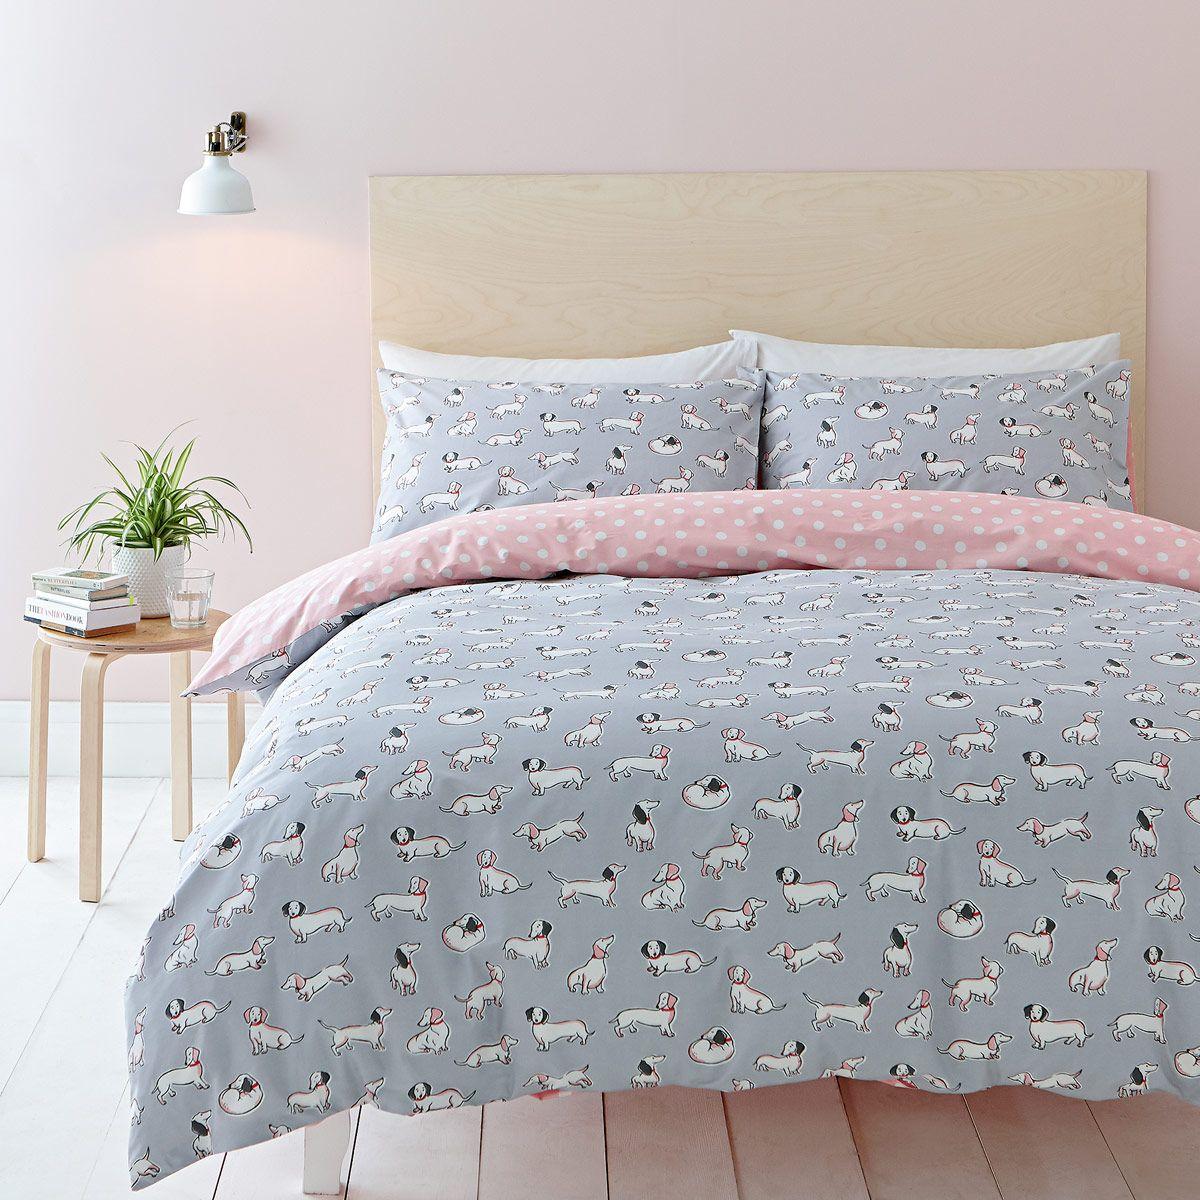 sausage dog bed linen